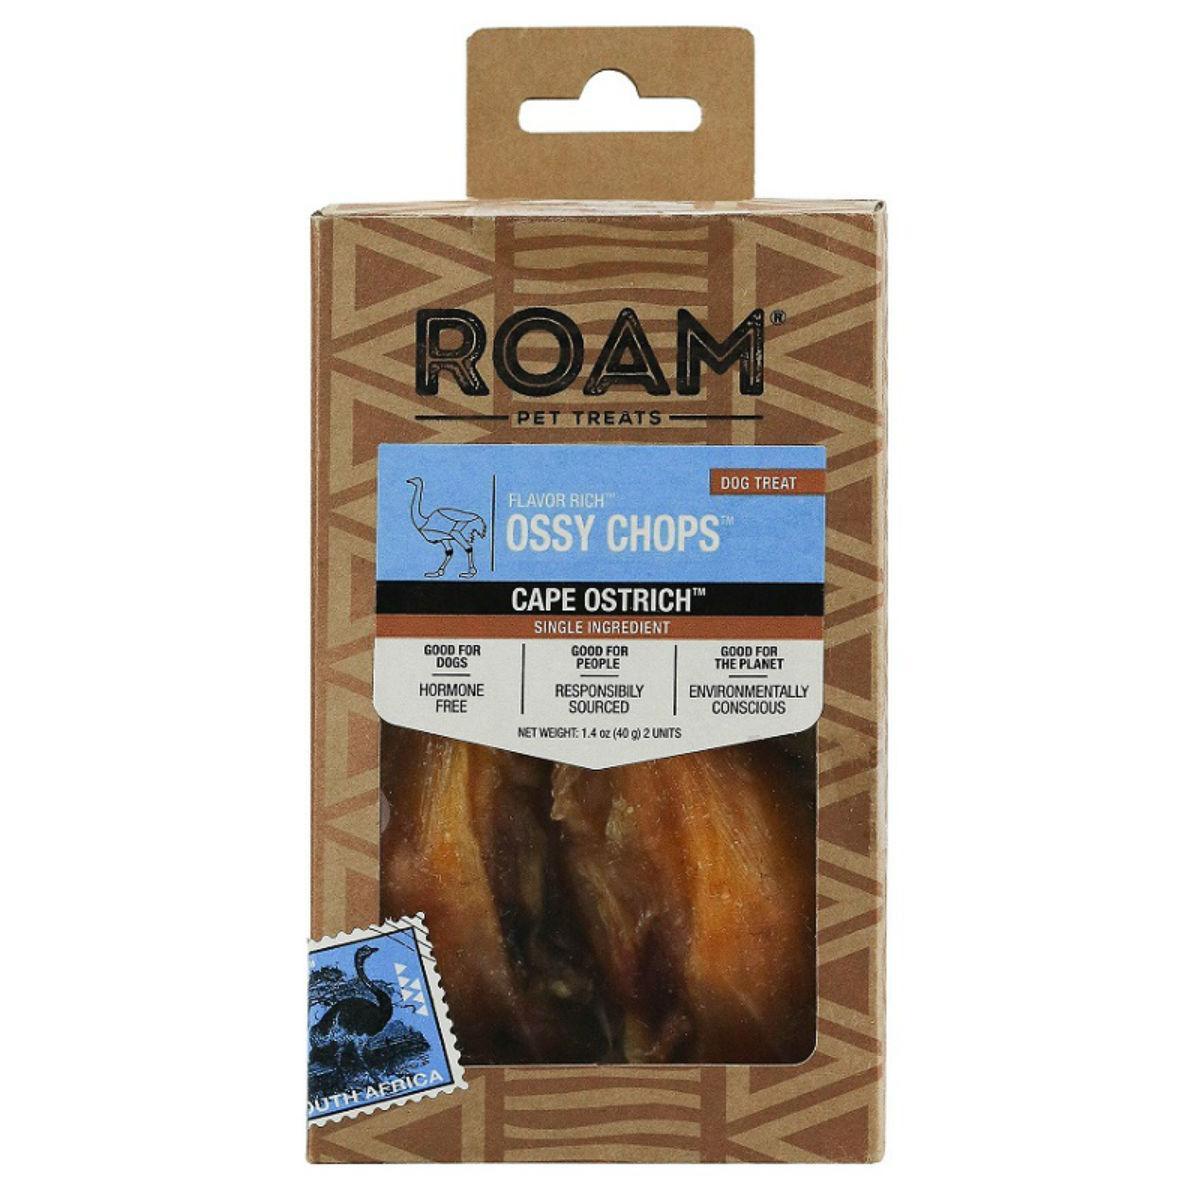 ROAM Ossy Chops Dog Treat - Cape Ostrich